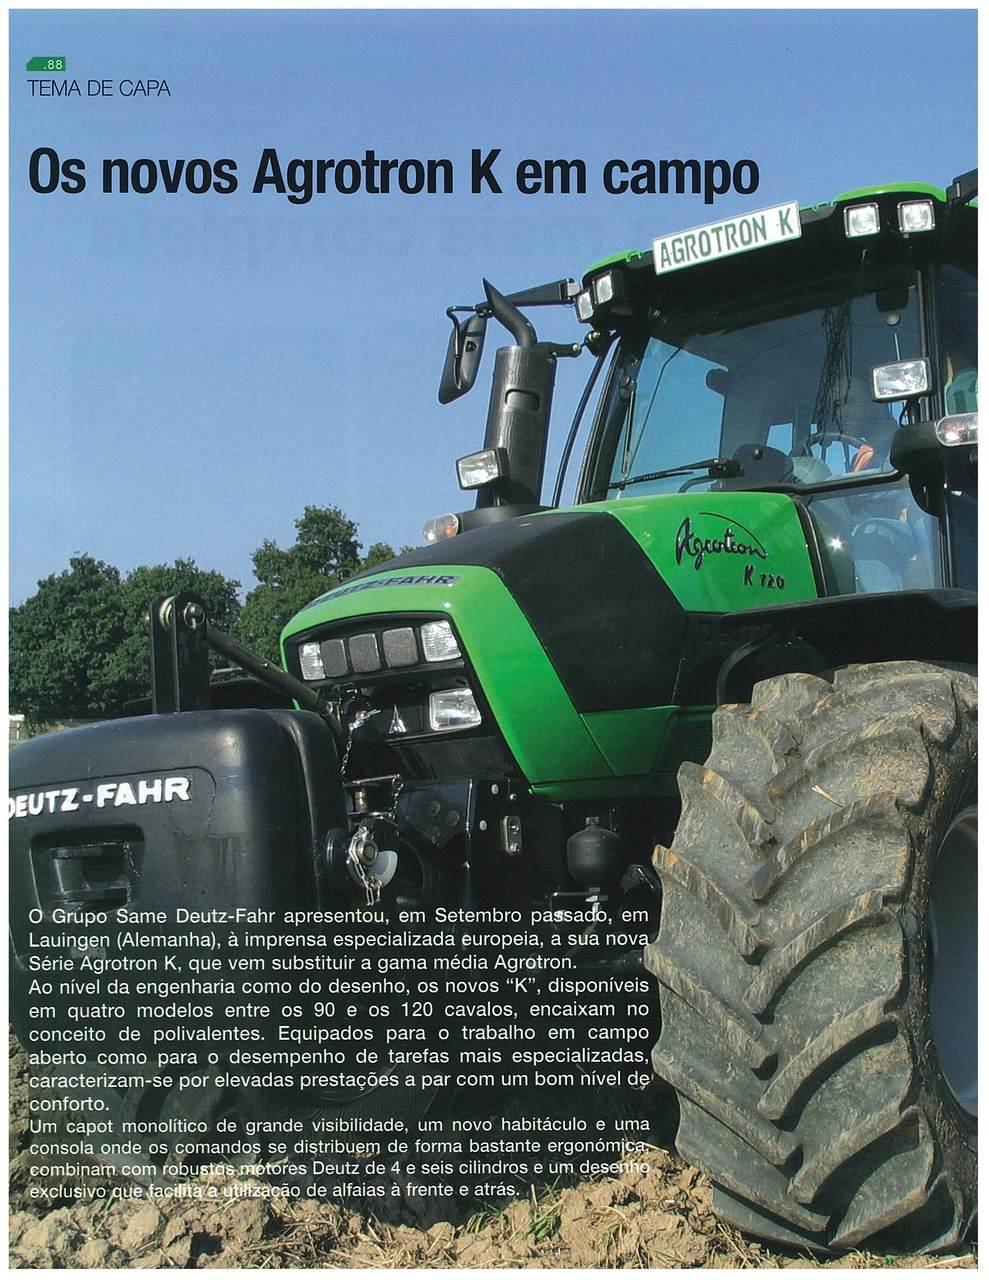 Os novos Agrotron K em campo